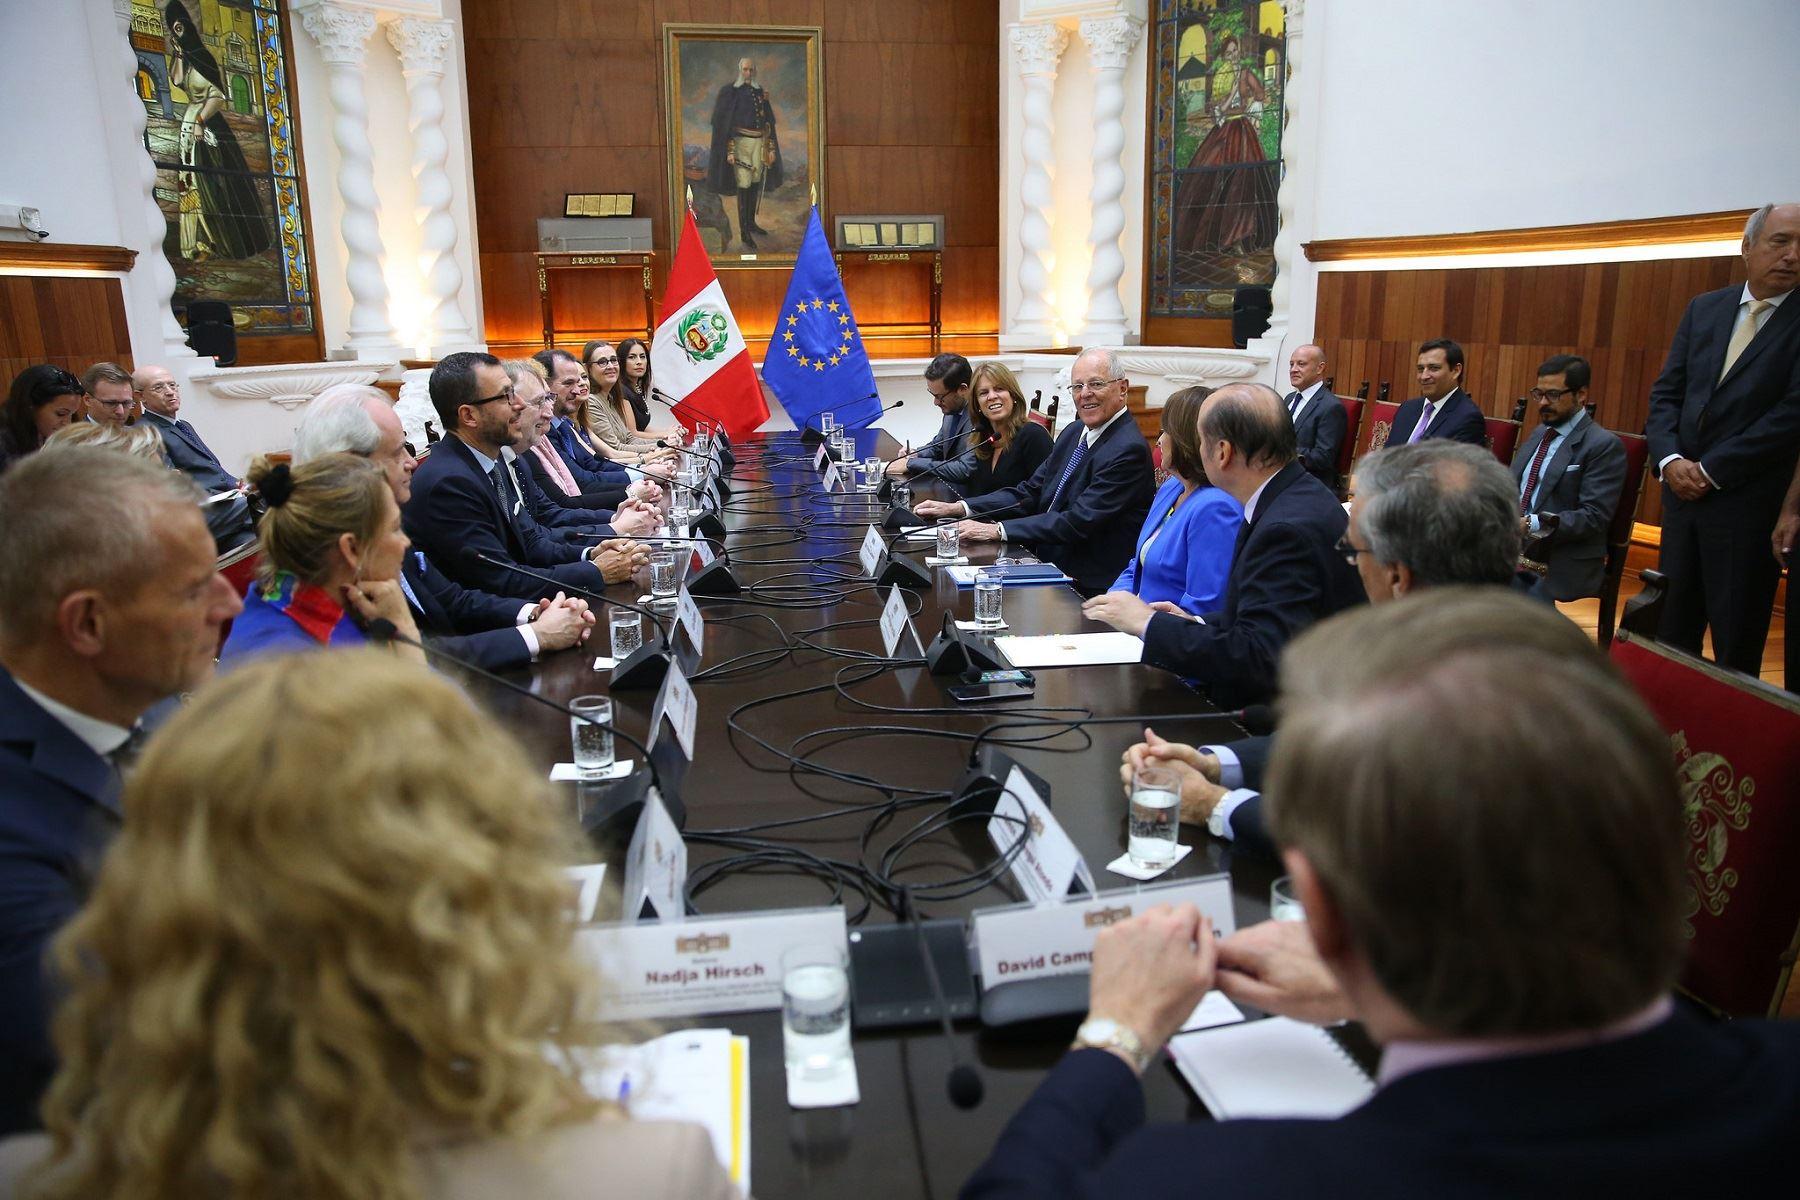 Presidente Pedro Pablo Kuczynski se reunió con miembros del Comité de Comercio Internacional del Parlamento Europeo.